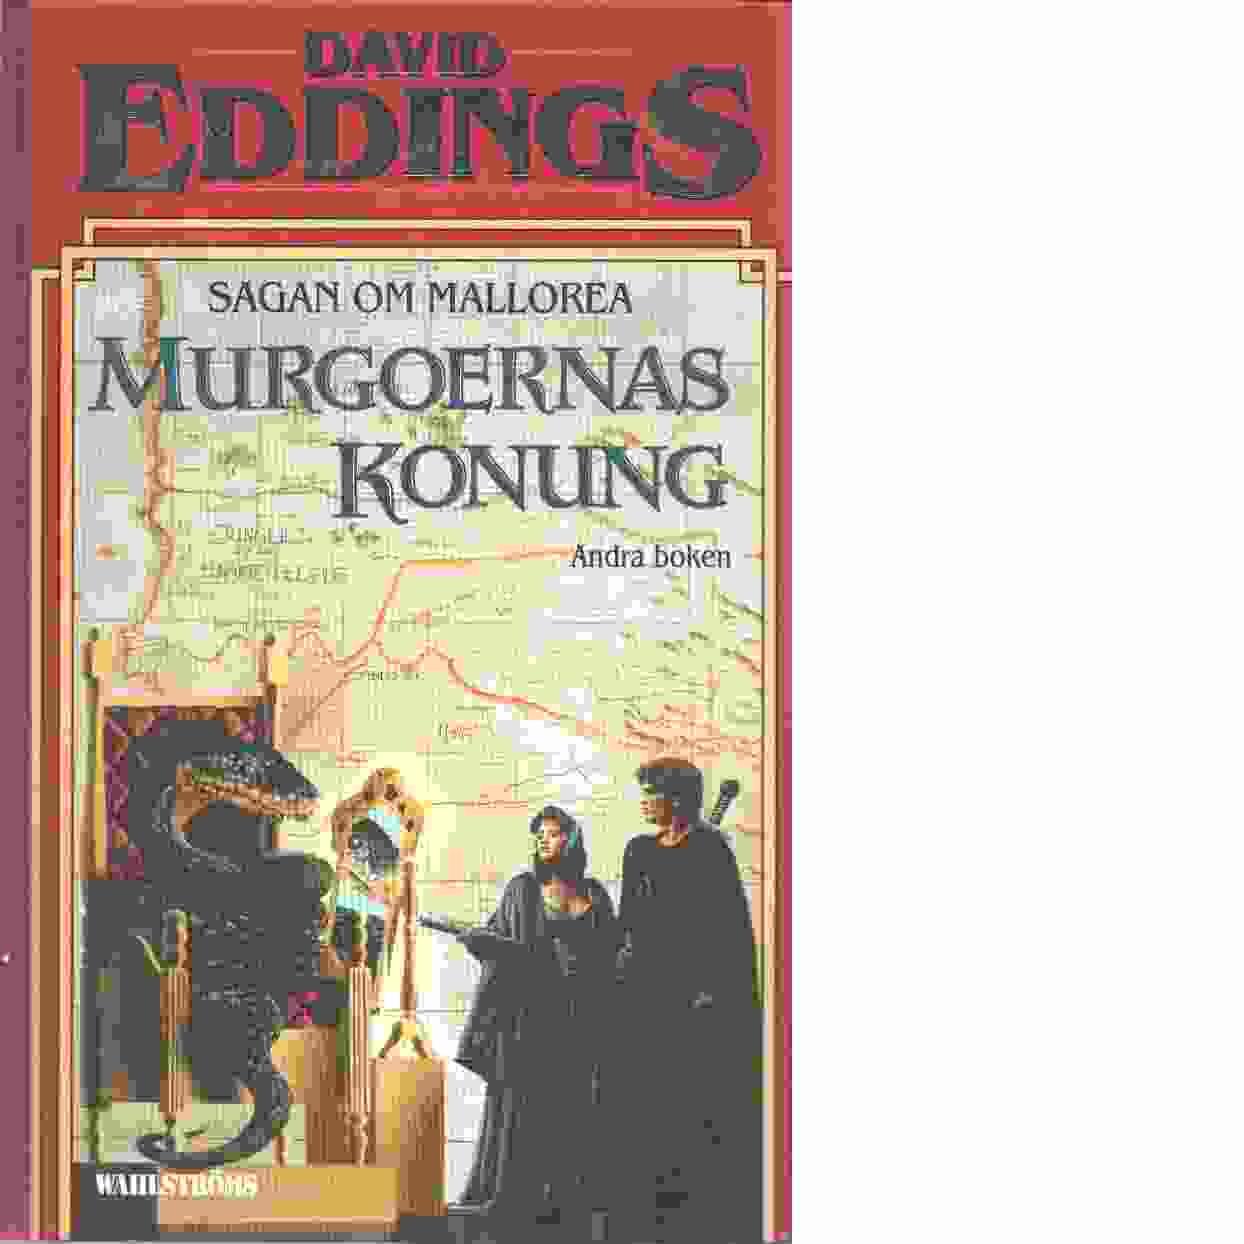 Sagan om Mallorea. Bok 2, Murgoernas konung - Eddings, David